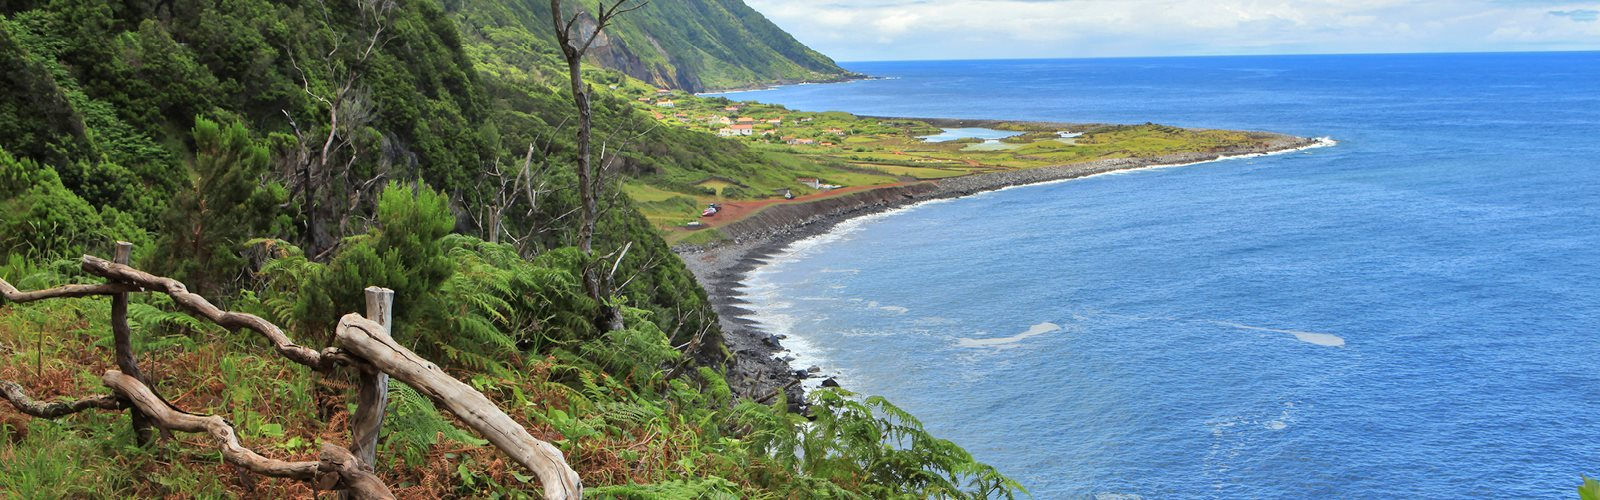 Wanderreise Azoren Top Angebote Vom Azoren Spezialist